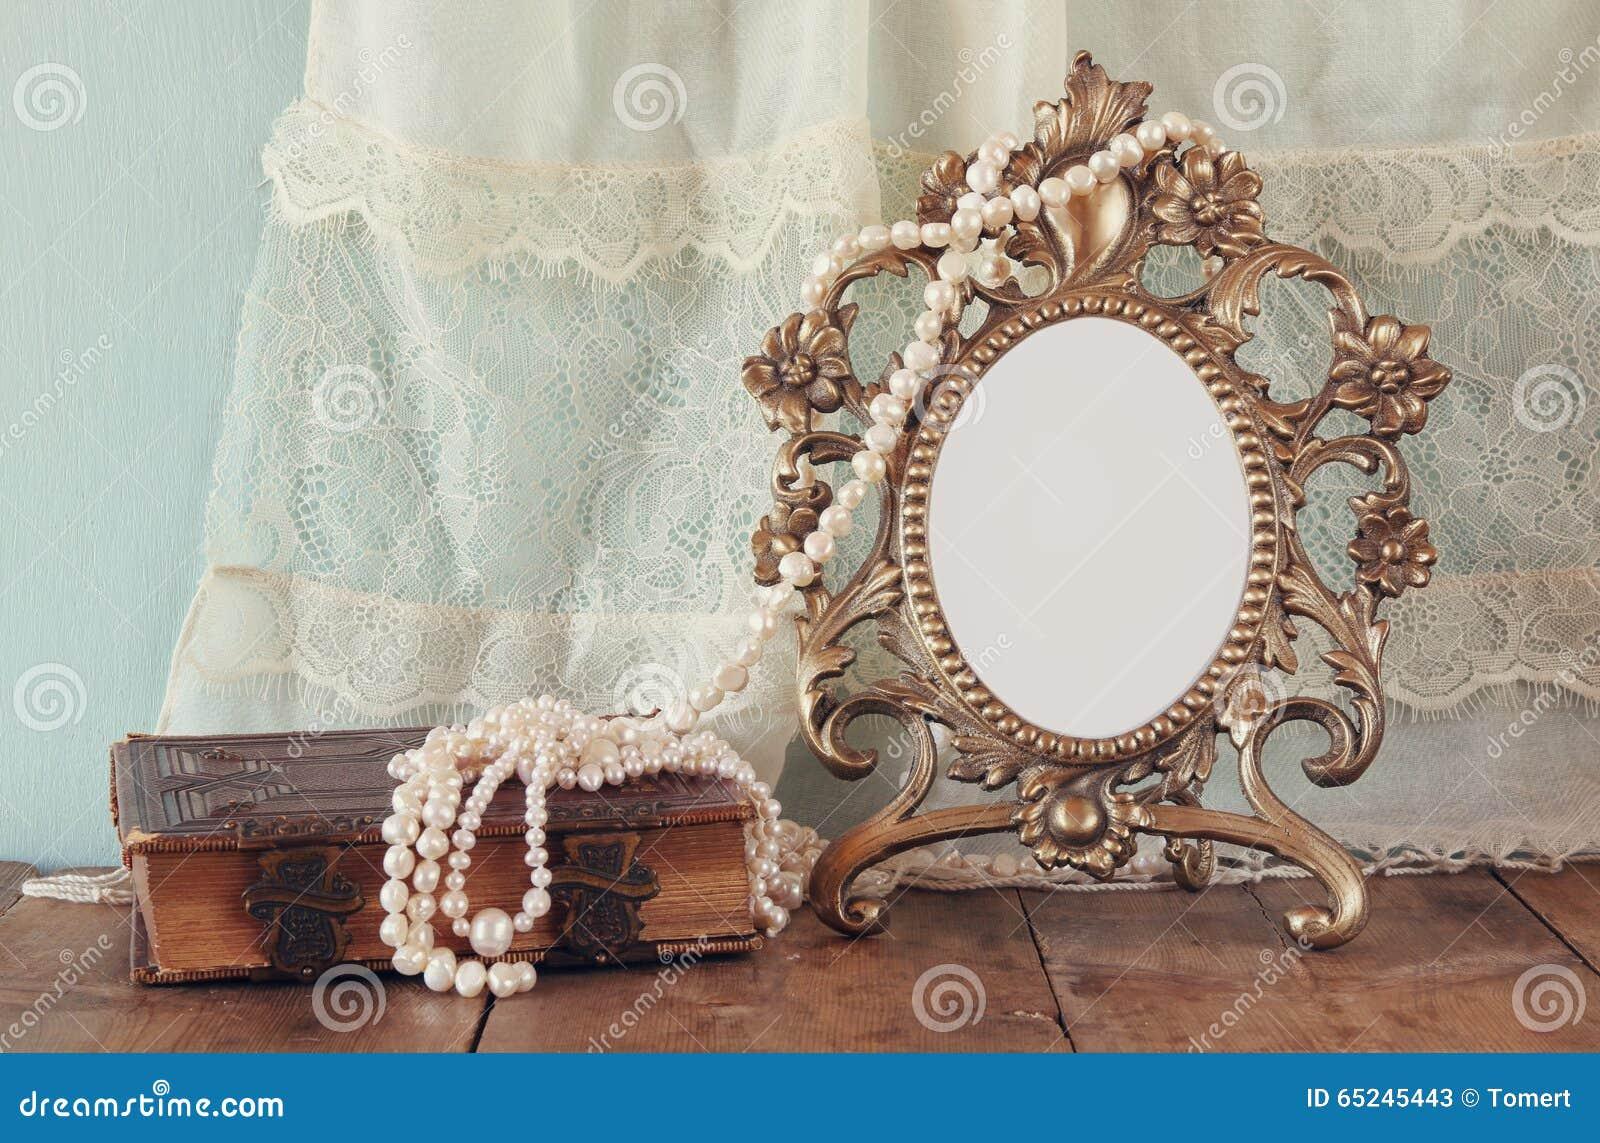 Античная пустая викторианская рамка стиля и старая книга с винтажным ожерельем жемчуга на деревянном столе ретро фильтрованное из